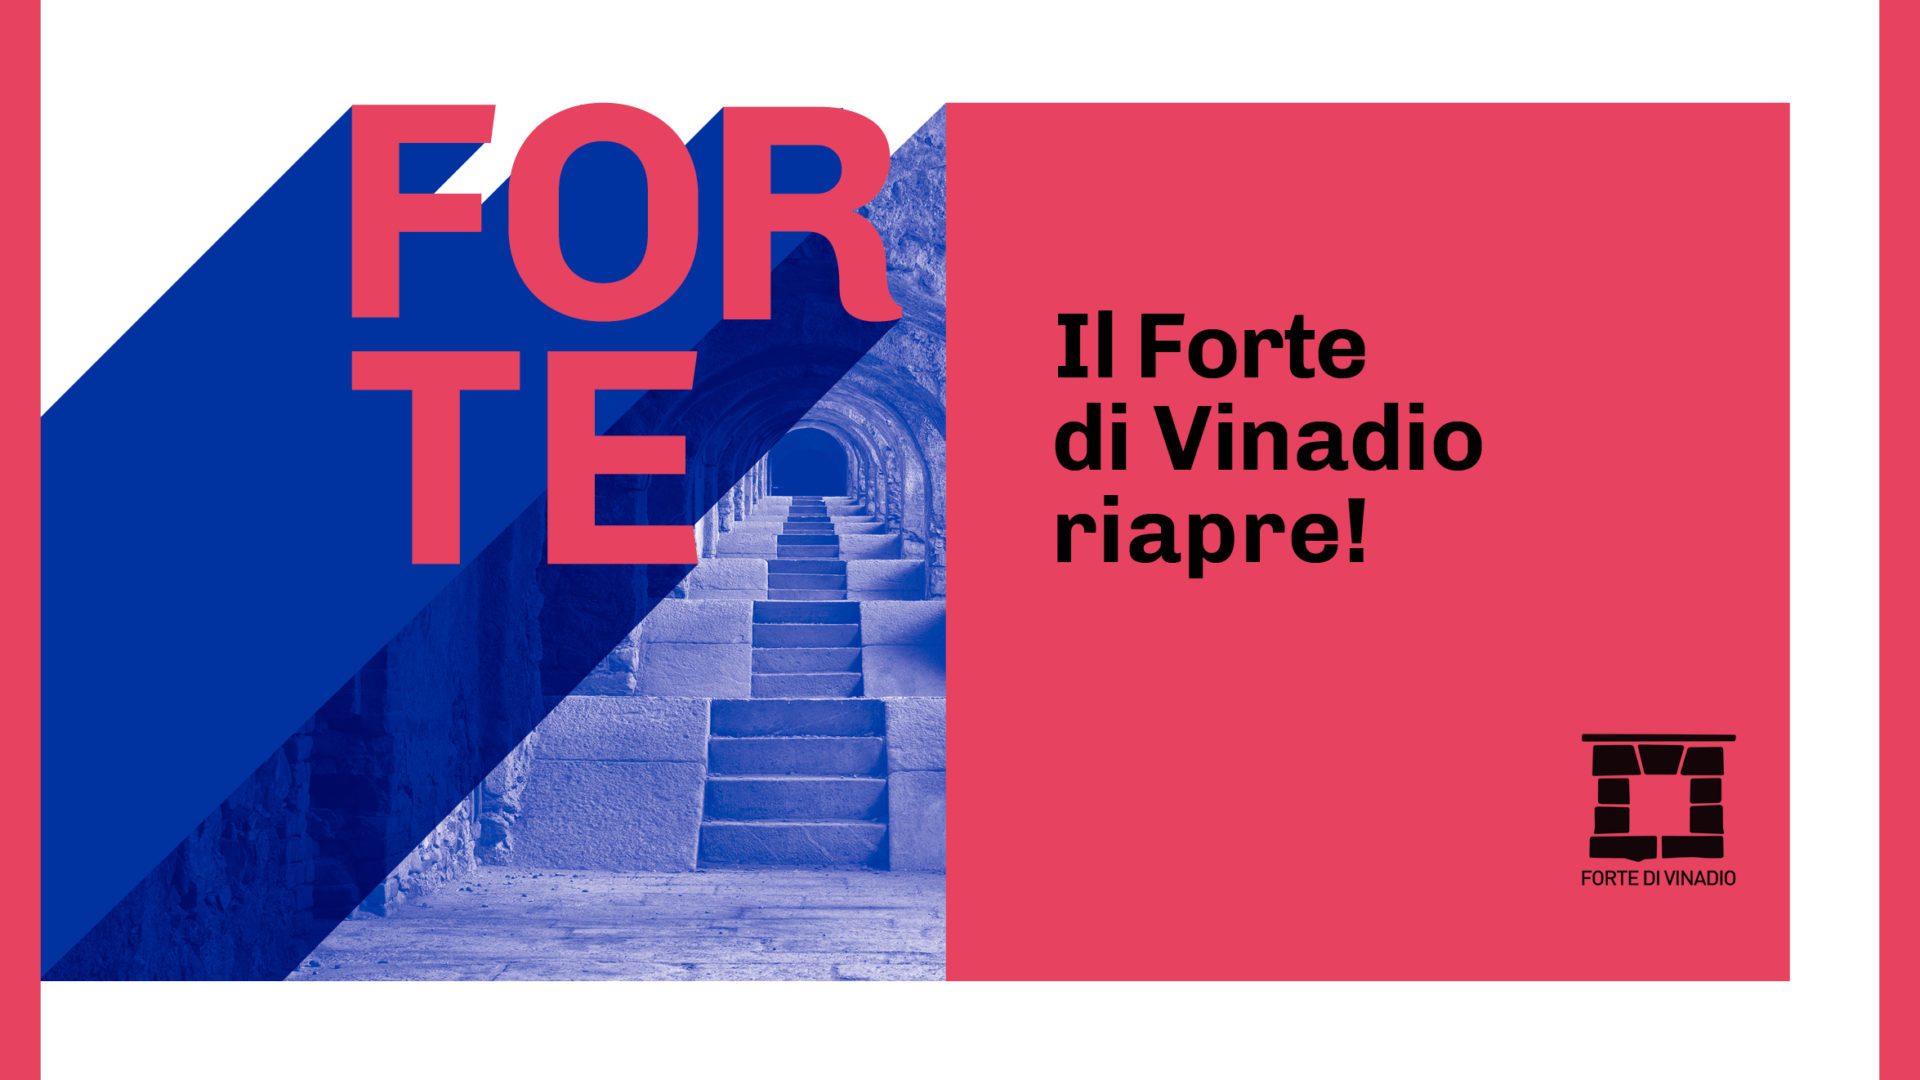 Fondazione Artea